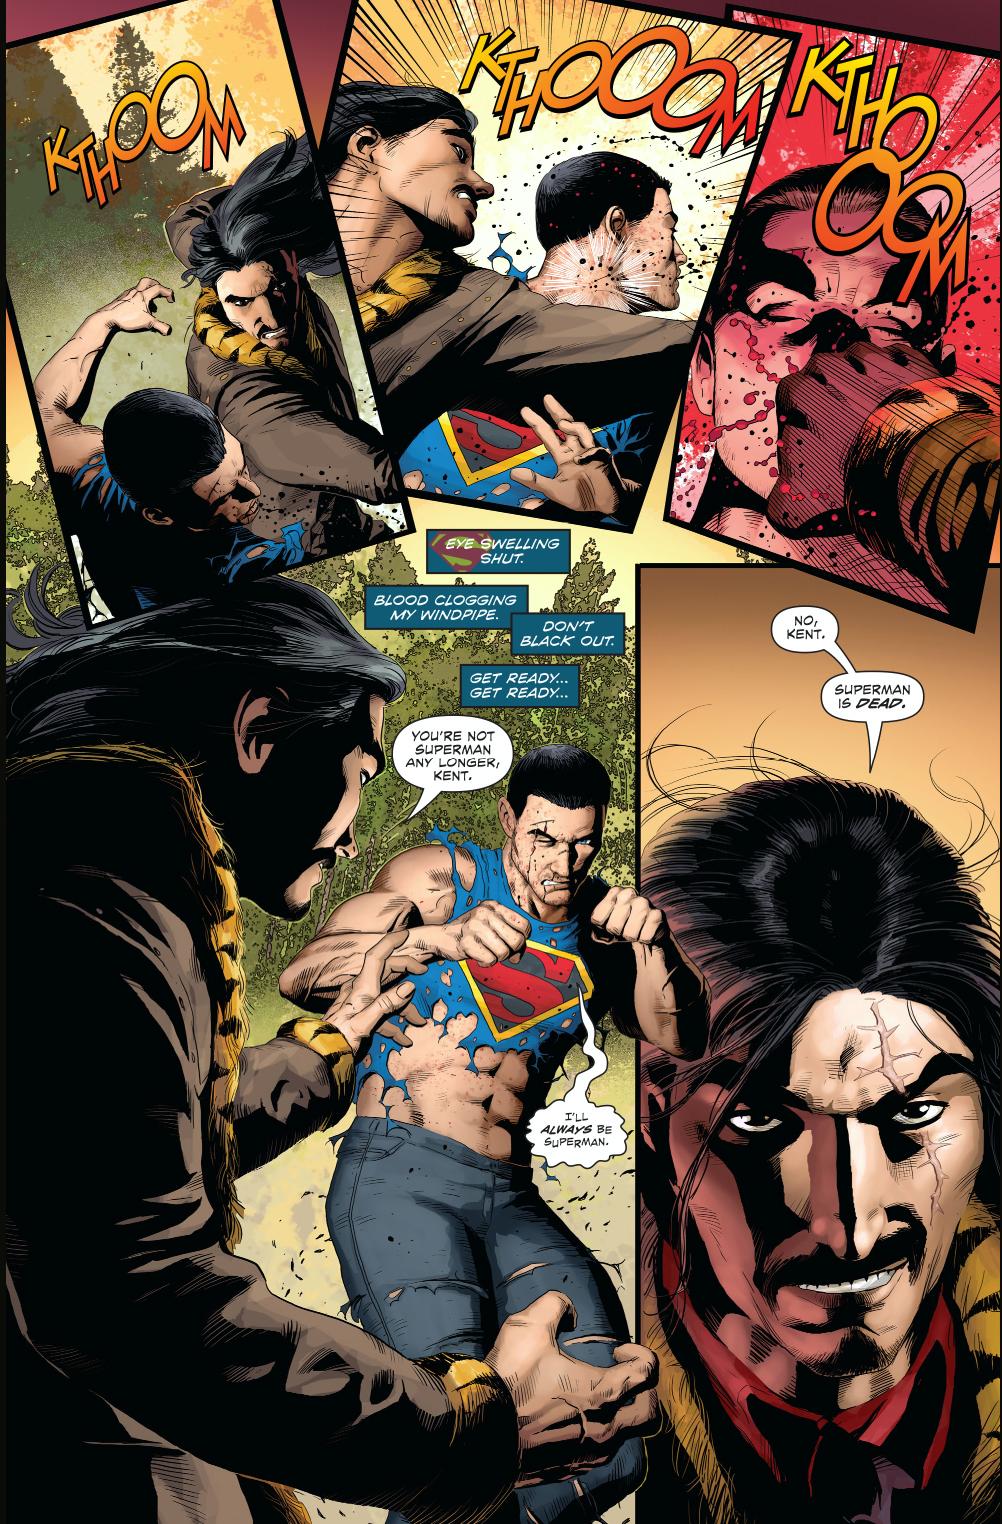 Clark kent at